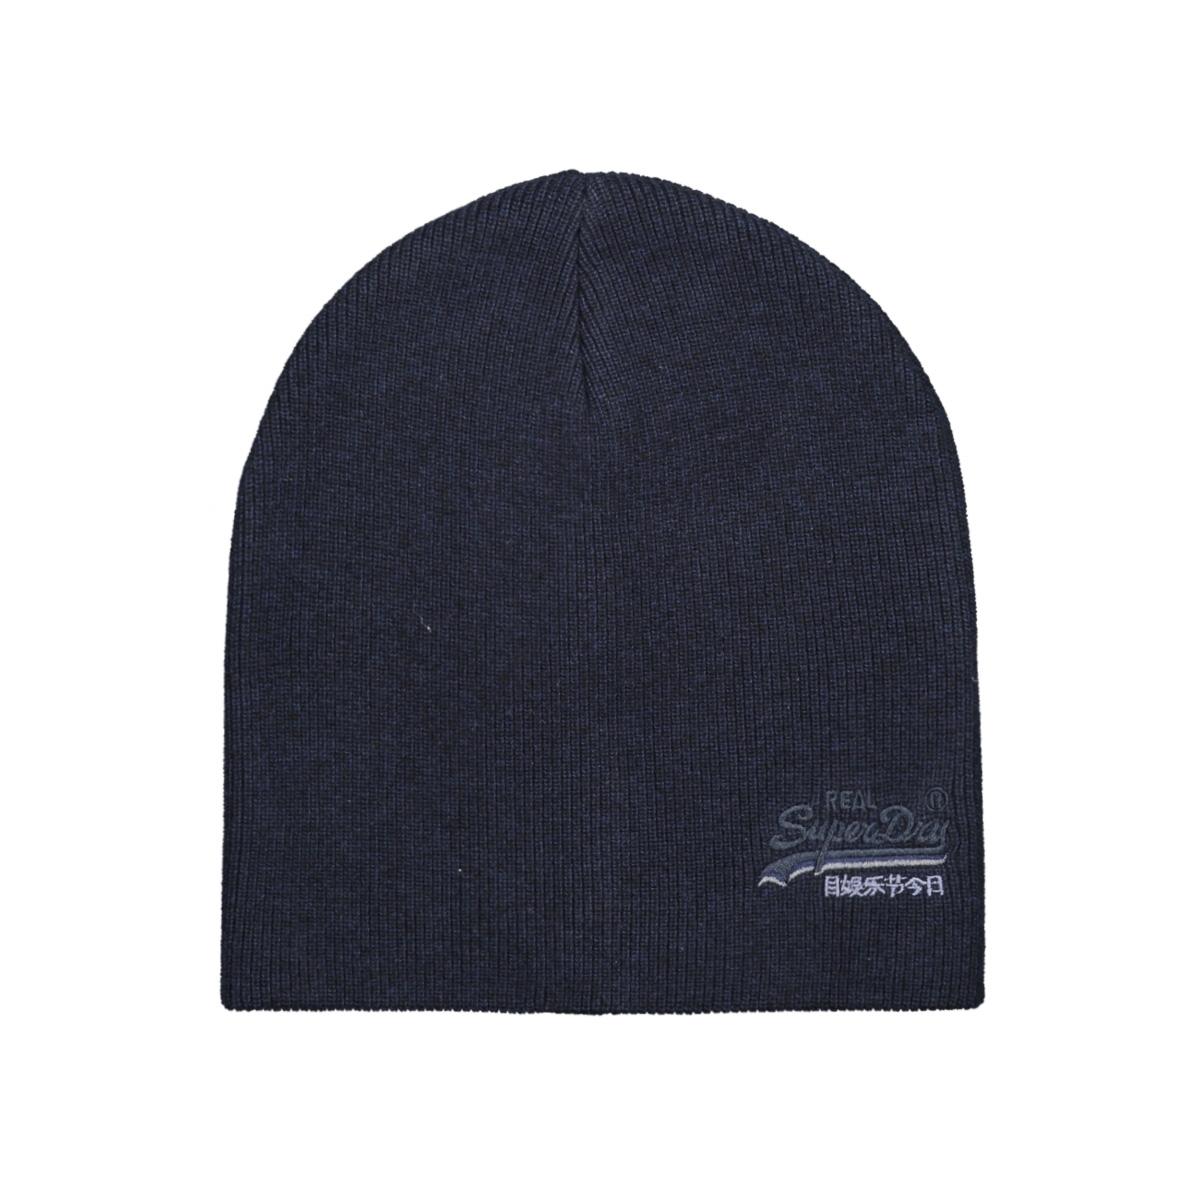 orange label beanie m9000009a superdry accessoire downhill navy/black grit